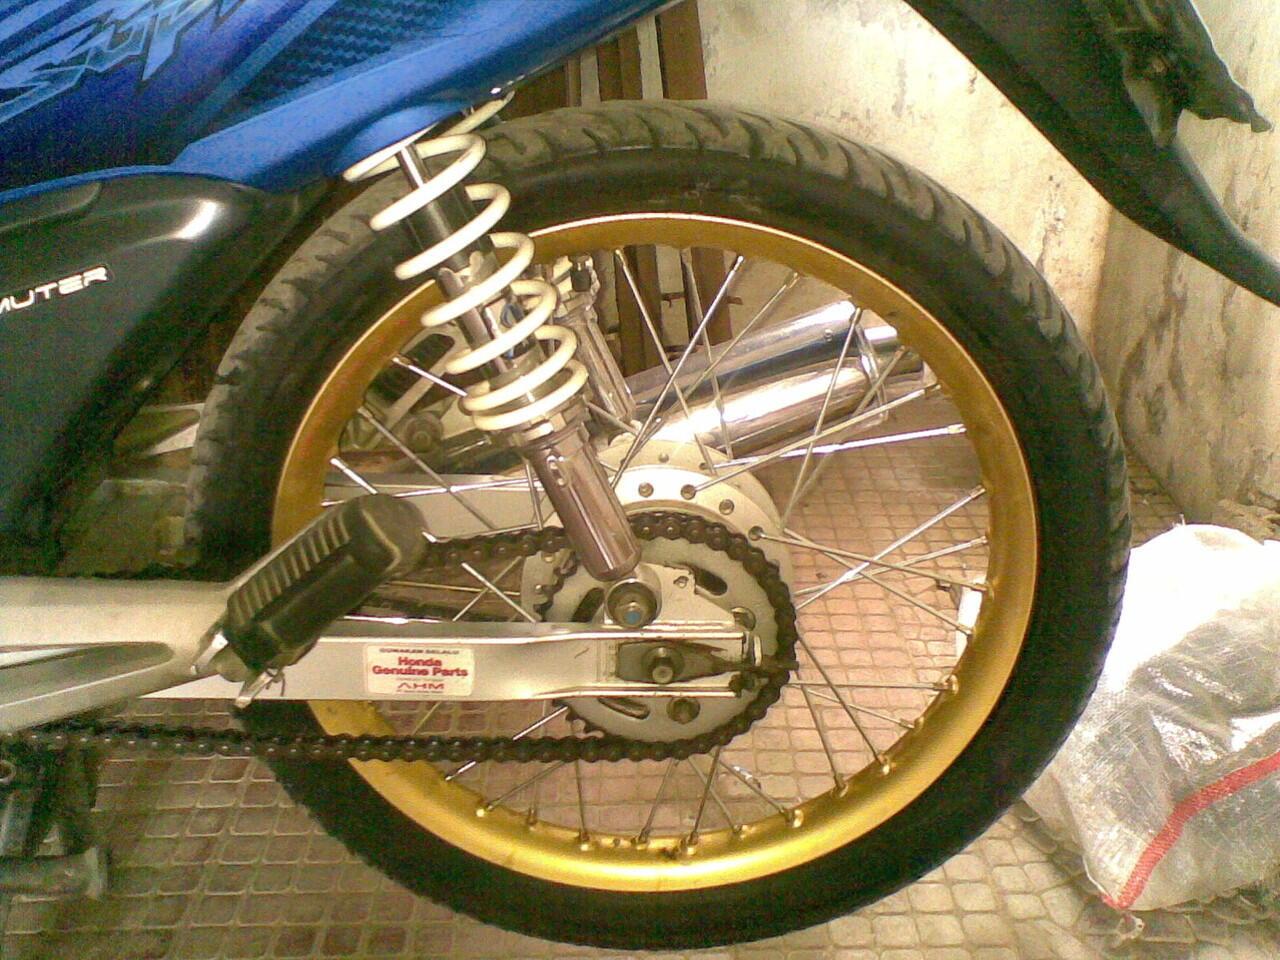 Cepat Honda New Supra fit th.2006..silahkn mampir gan..!!